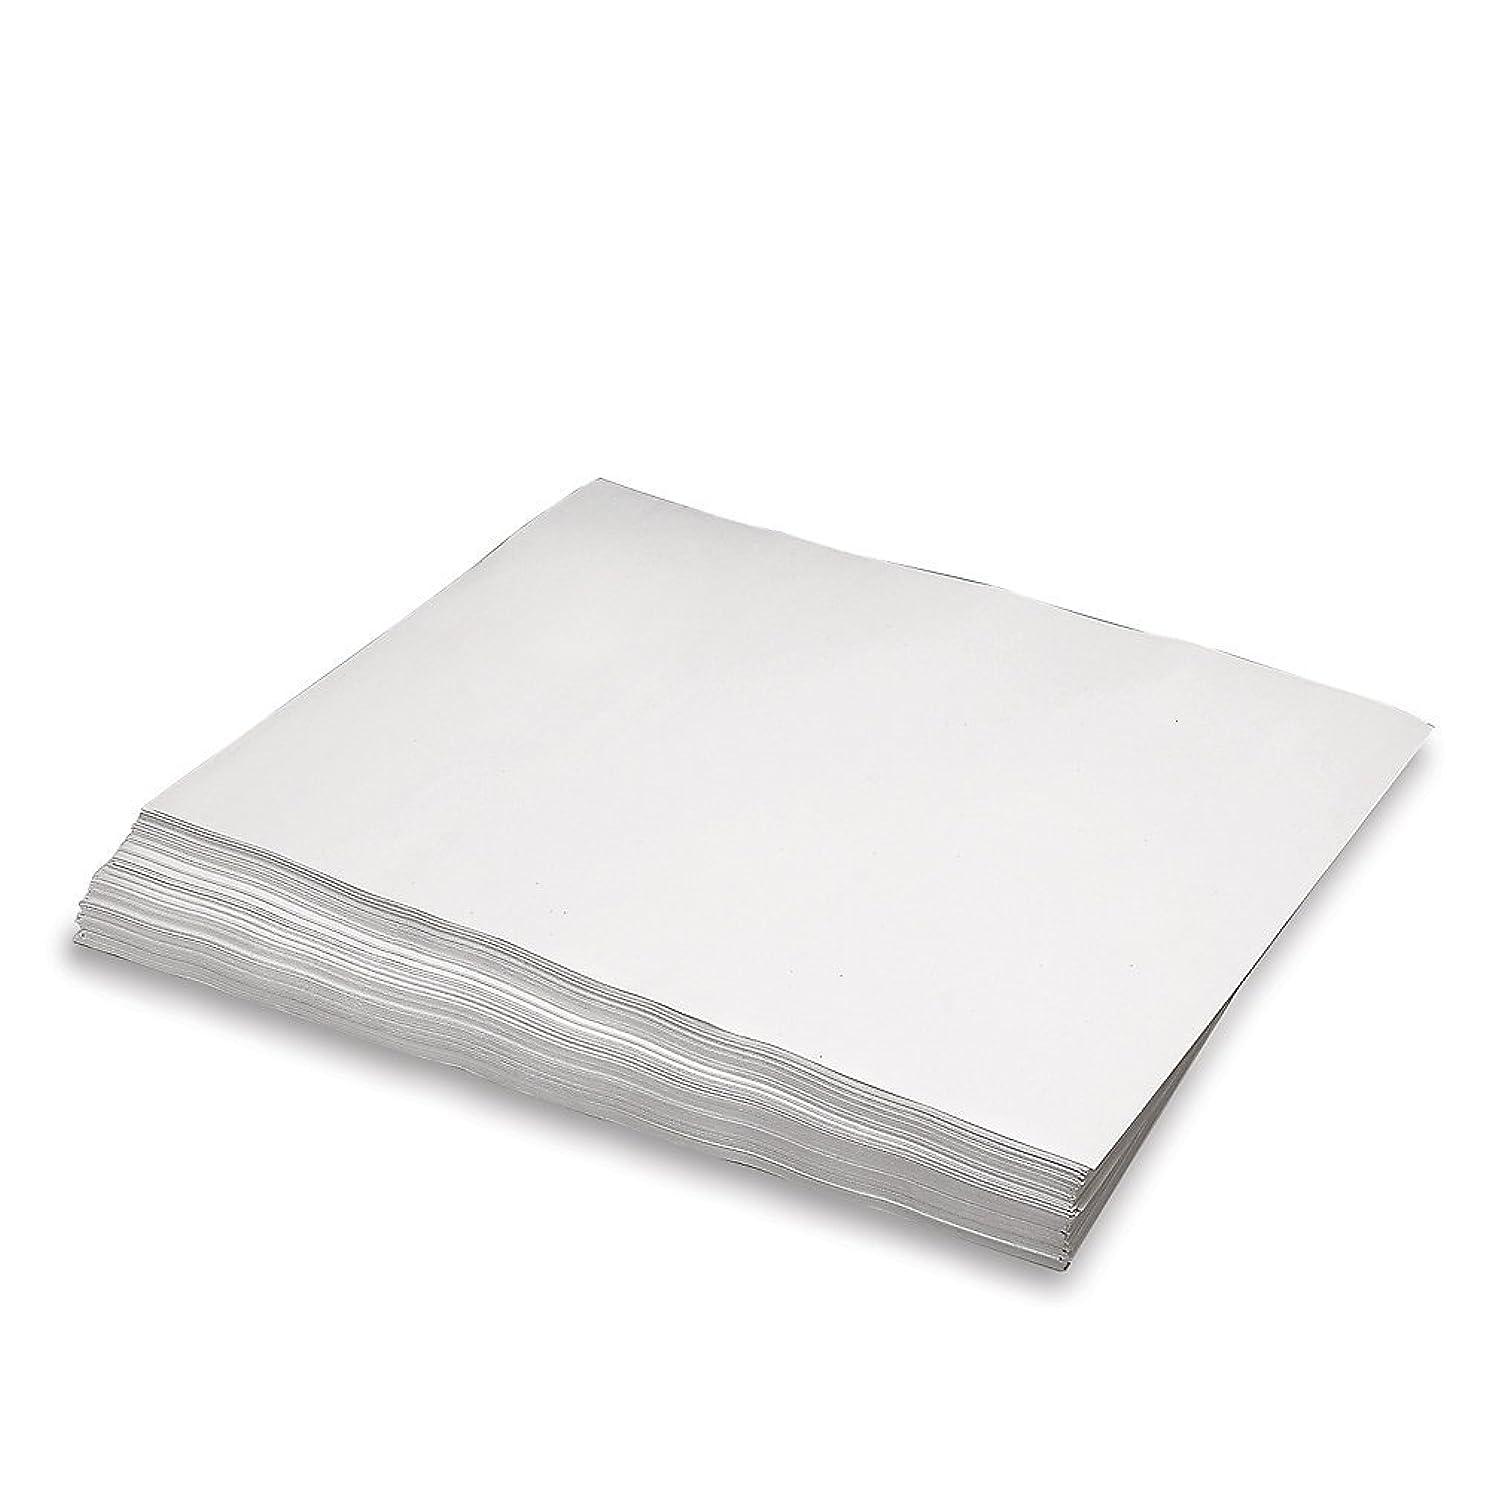 RetailSource NP1830 Newsprint Sheets, 50 lb, 18